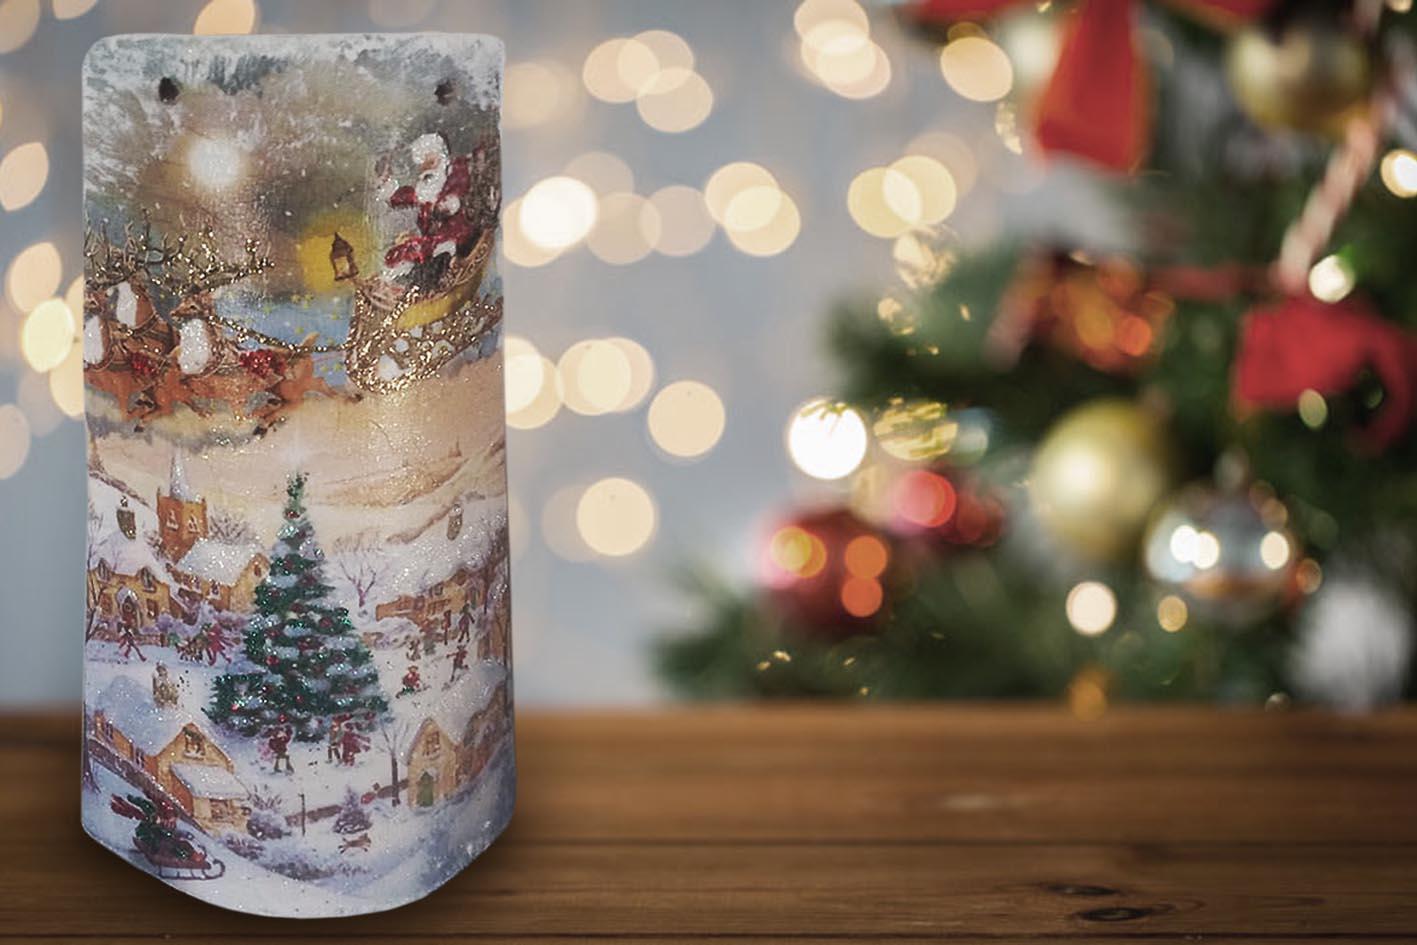 Marta Brilli - Coppi artiginali natalizi 2